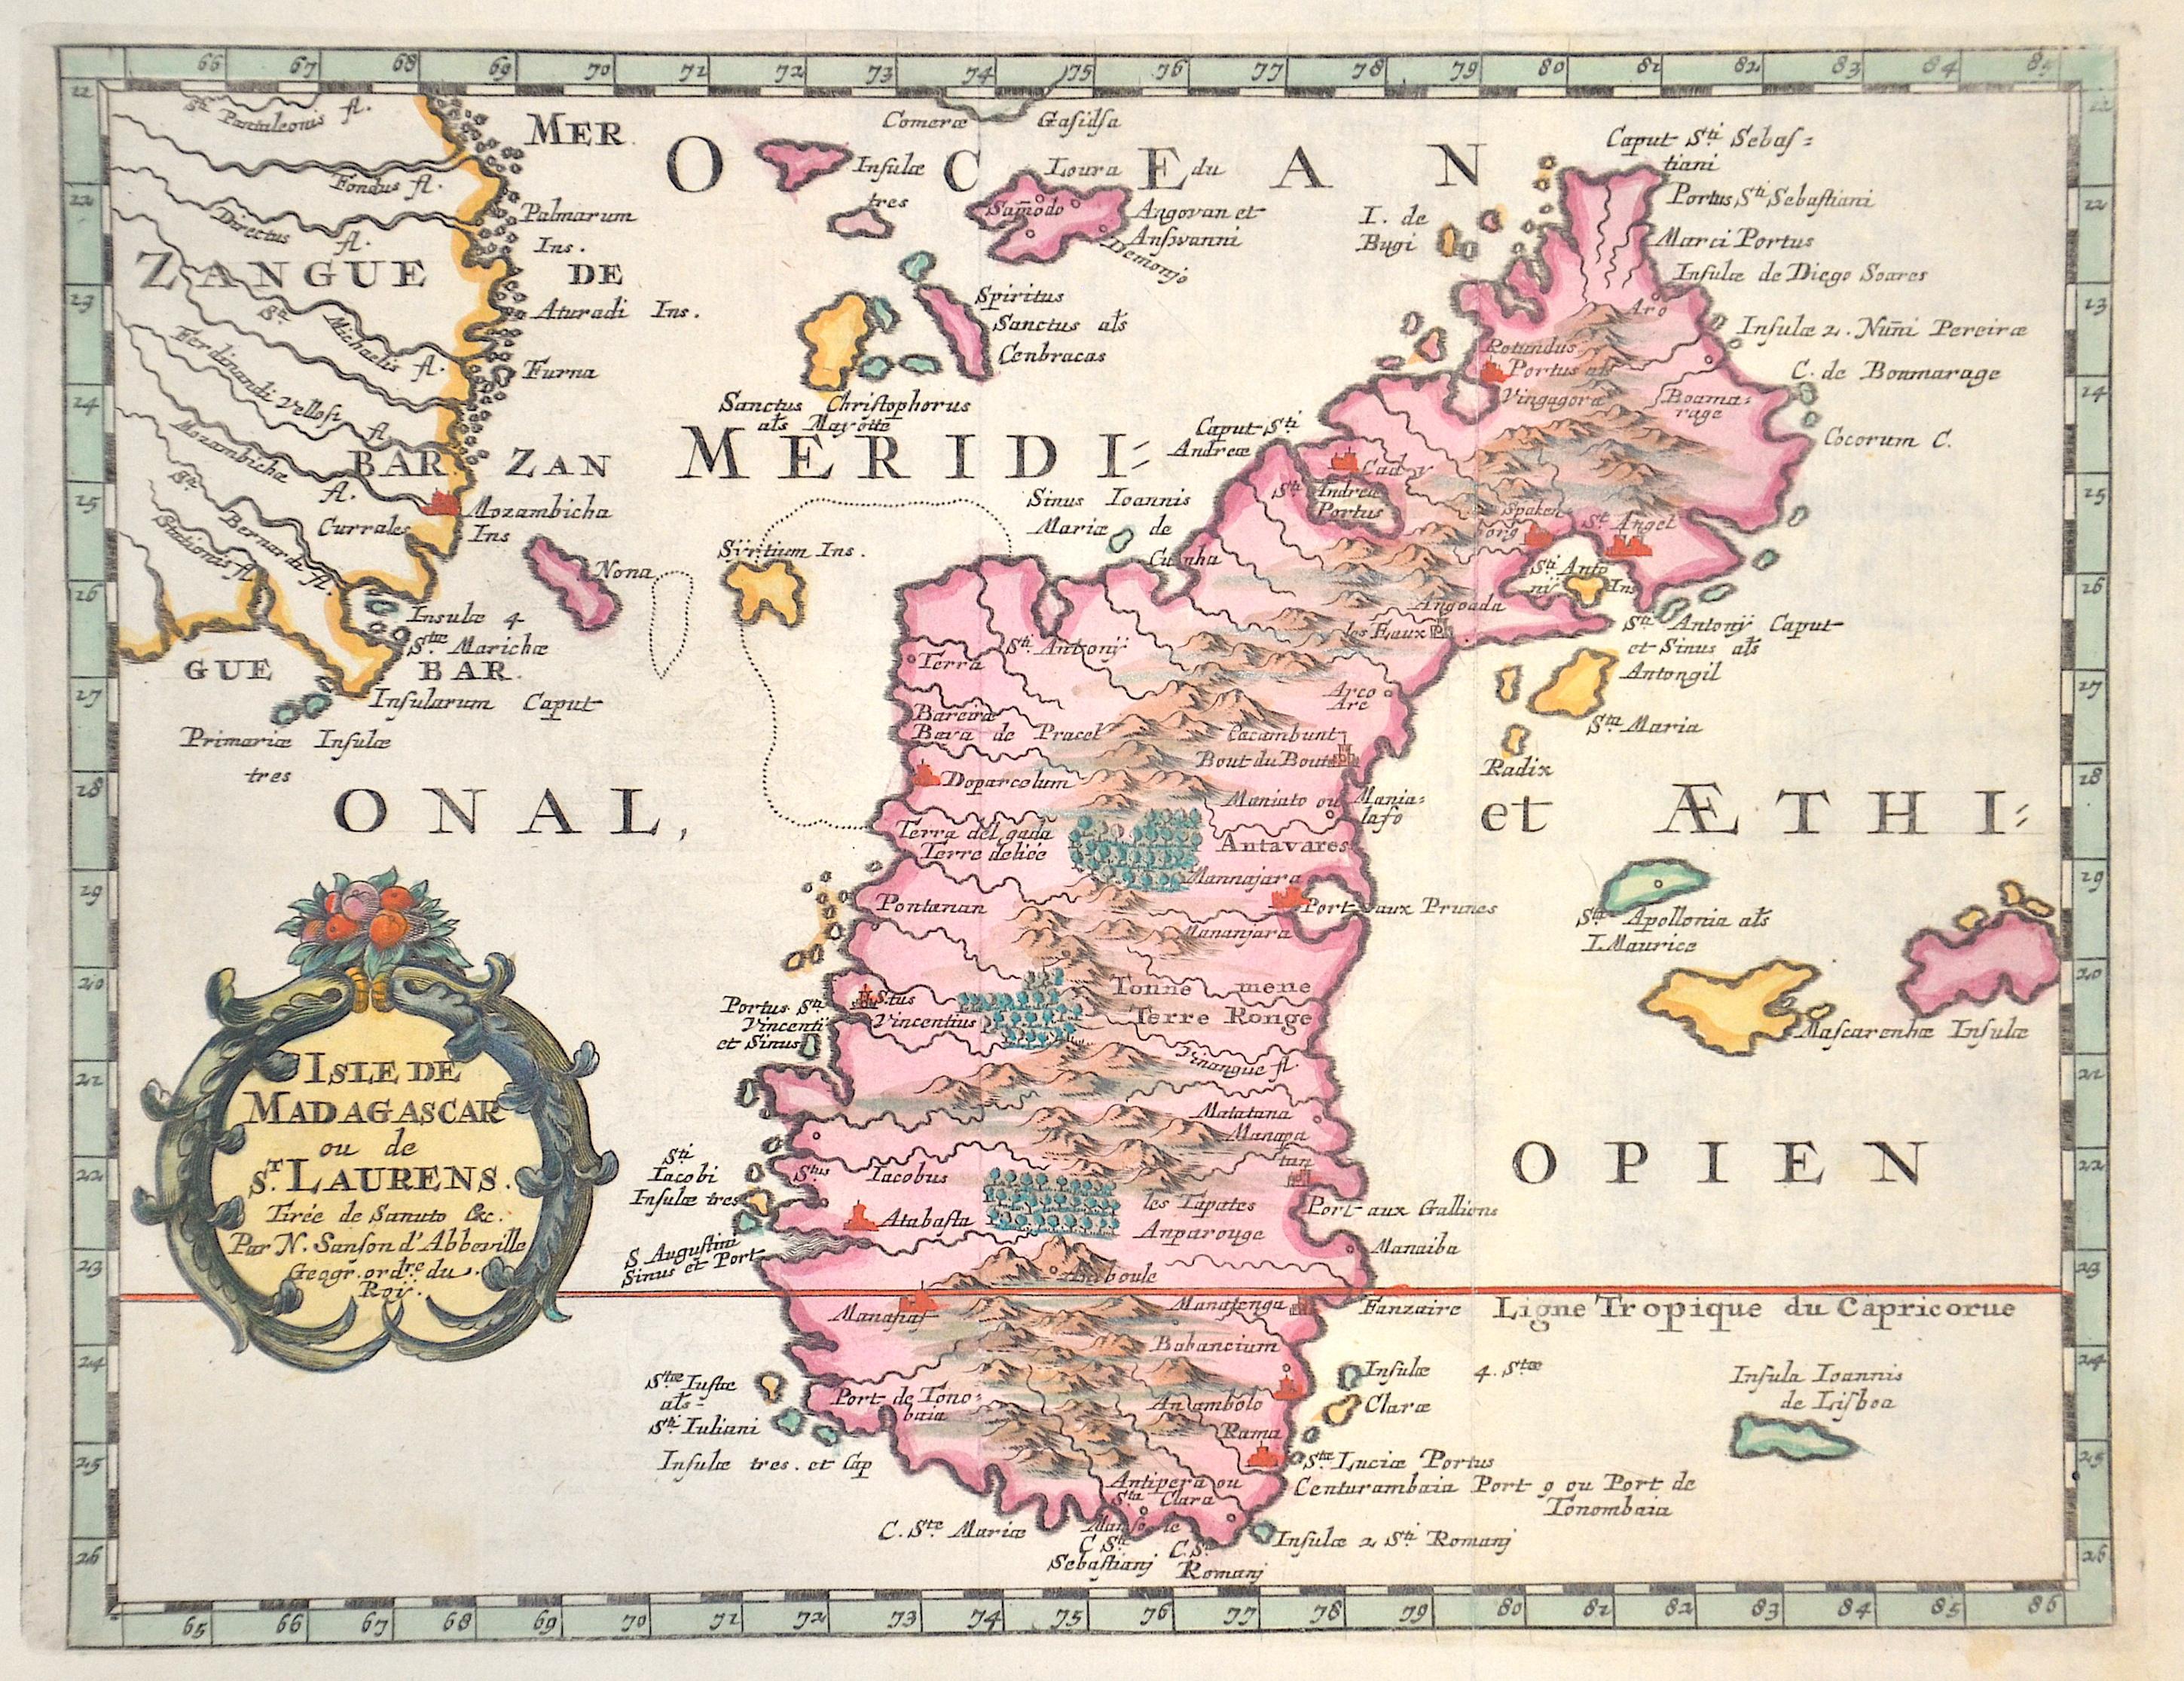 Sanson Nicolas Isle de Madagascar ou de St. Laurens.